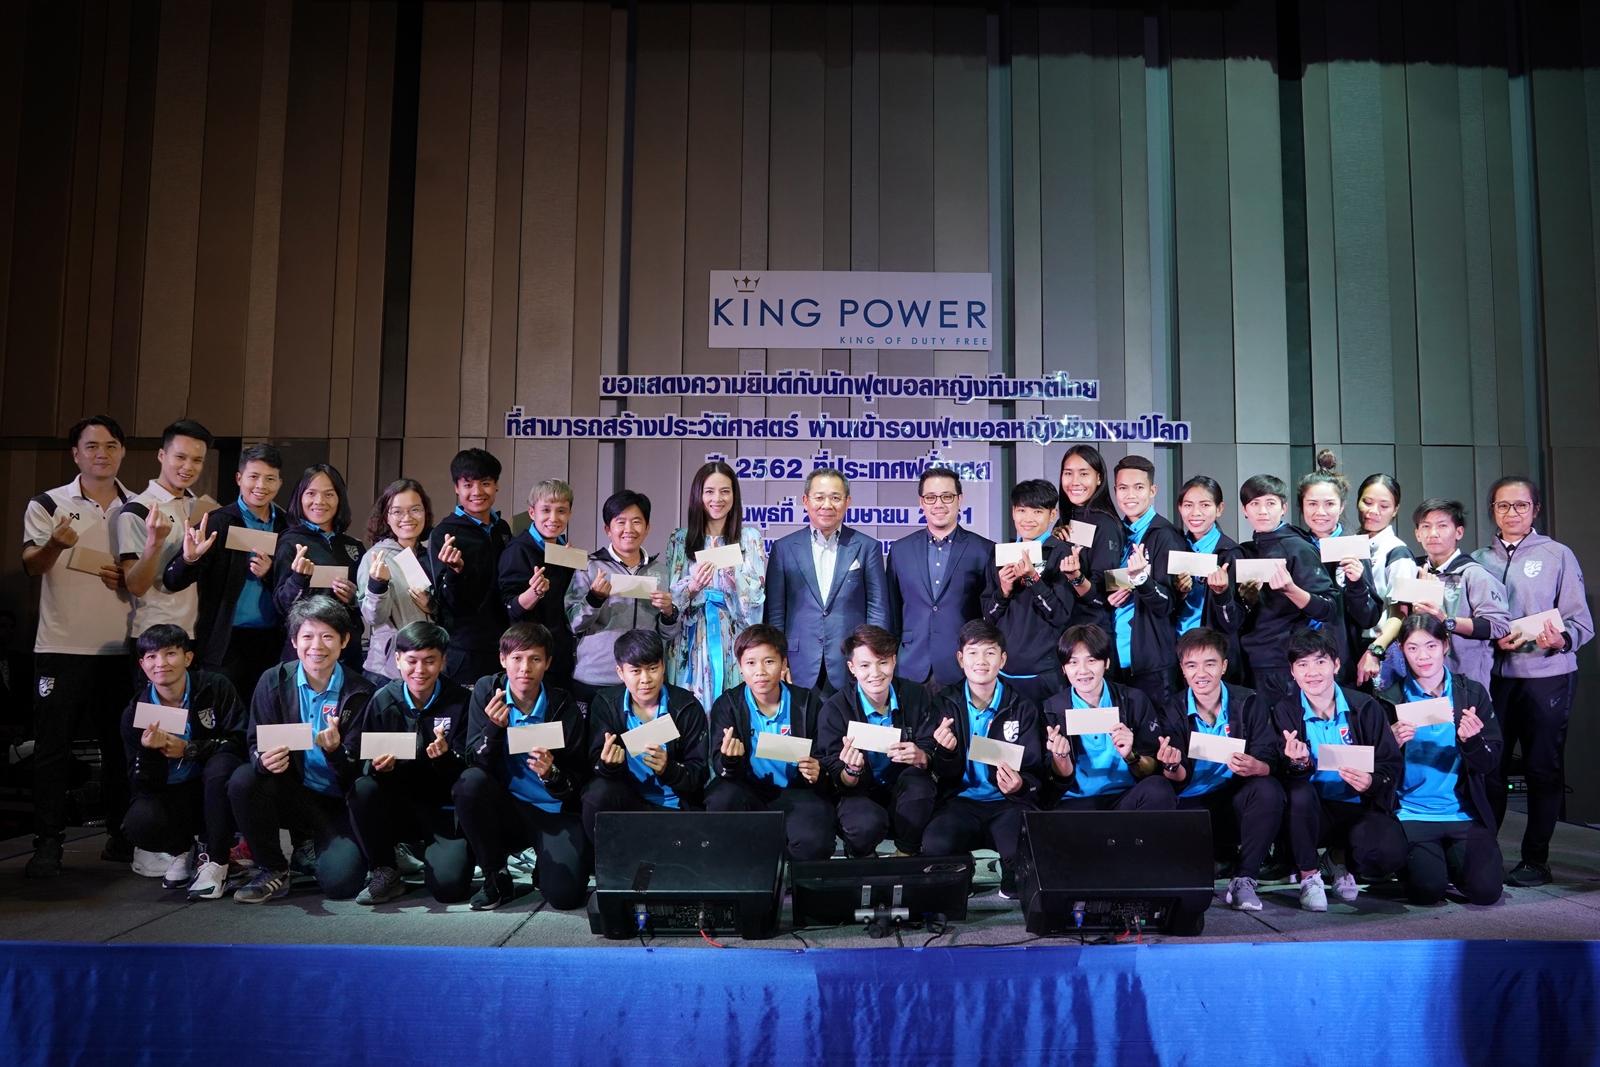 """คิง เพาเวอร์ จัดงานเลี้ยงฉลองความสำเร็จให้กับ  """"ชบาแก้ว"""" แข้งสาวทีมชาติไทย"""